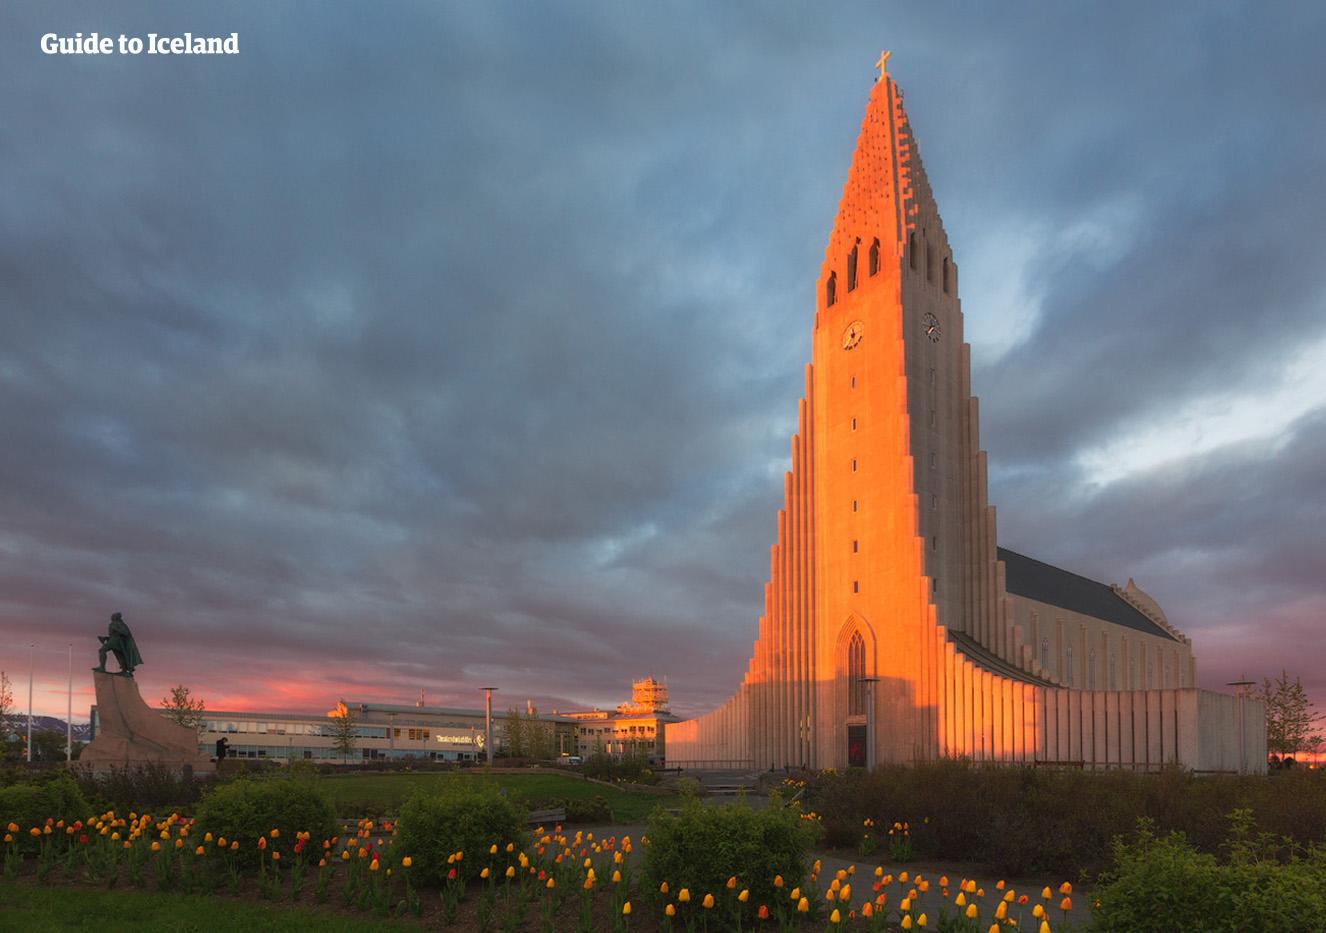 哈尔格林姆斯大教堂在午夜阳光中熠熠生辉